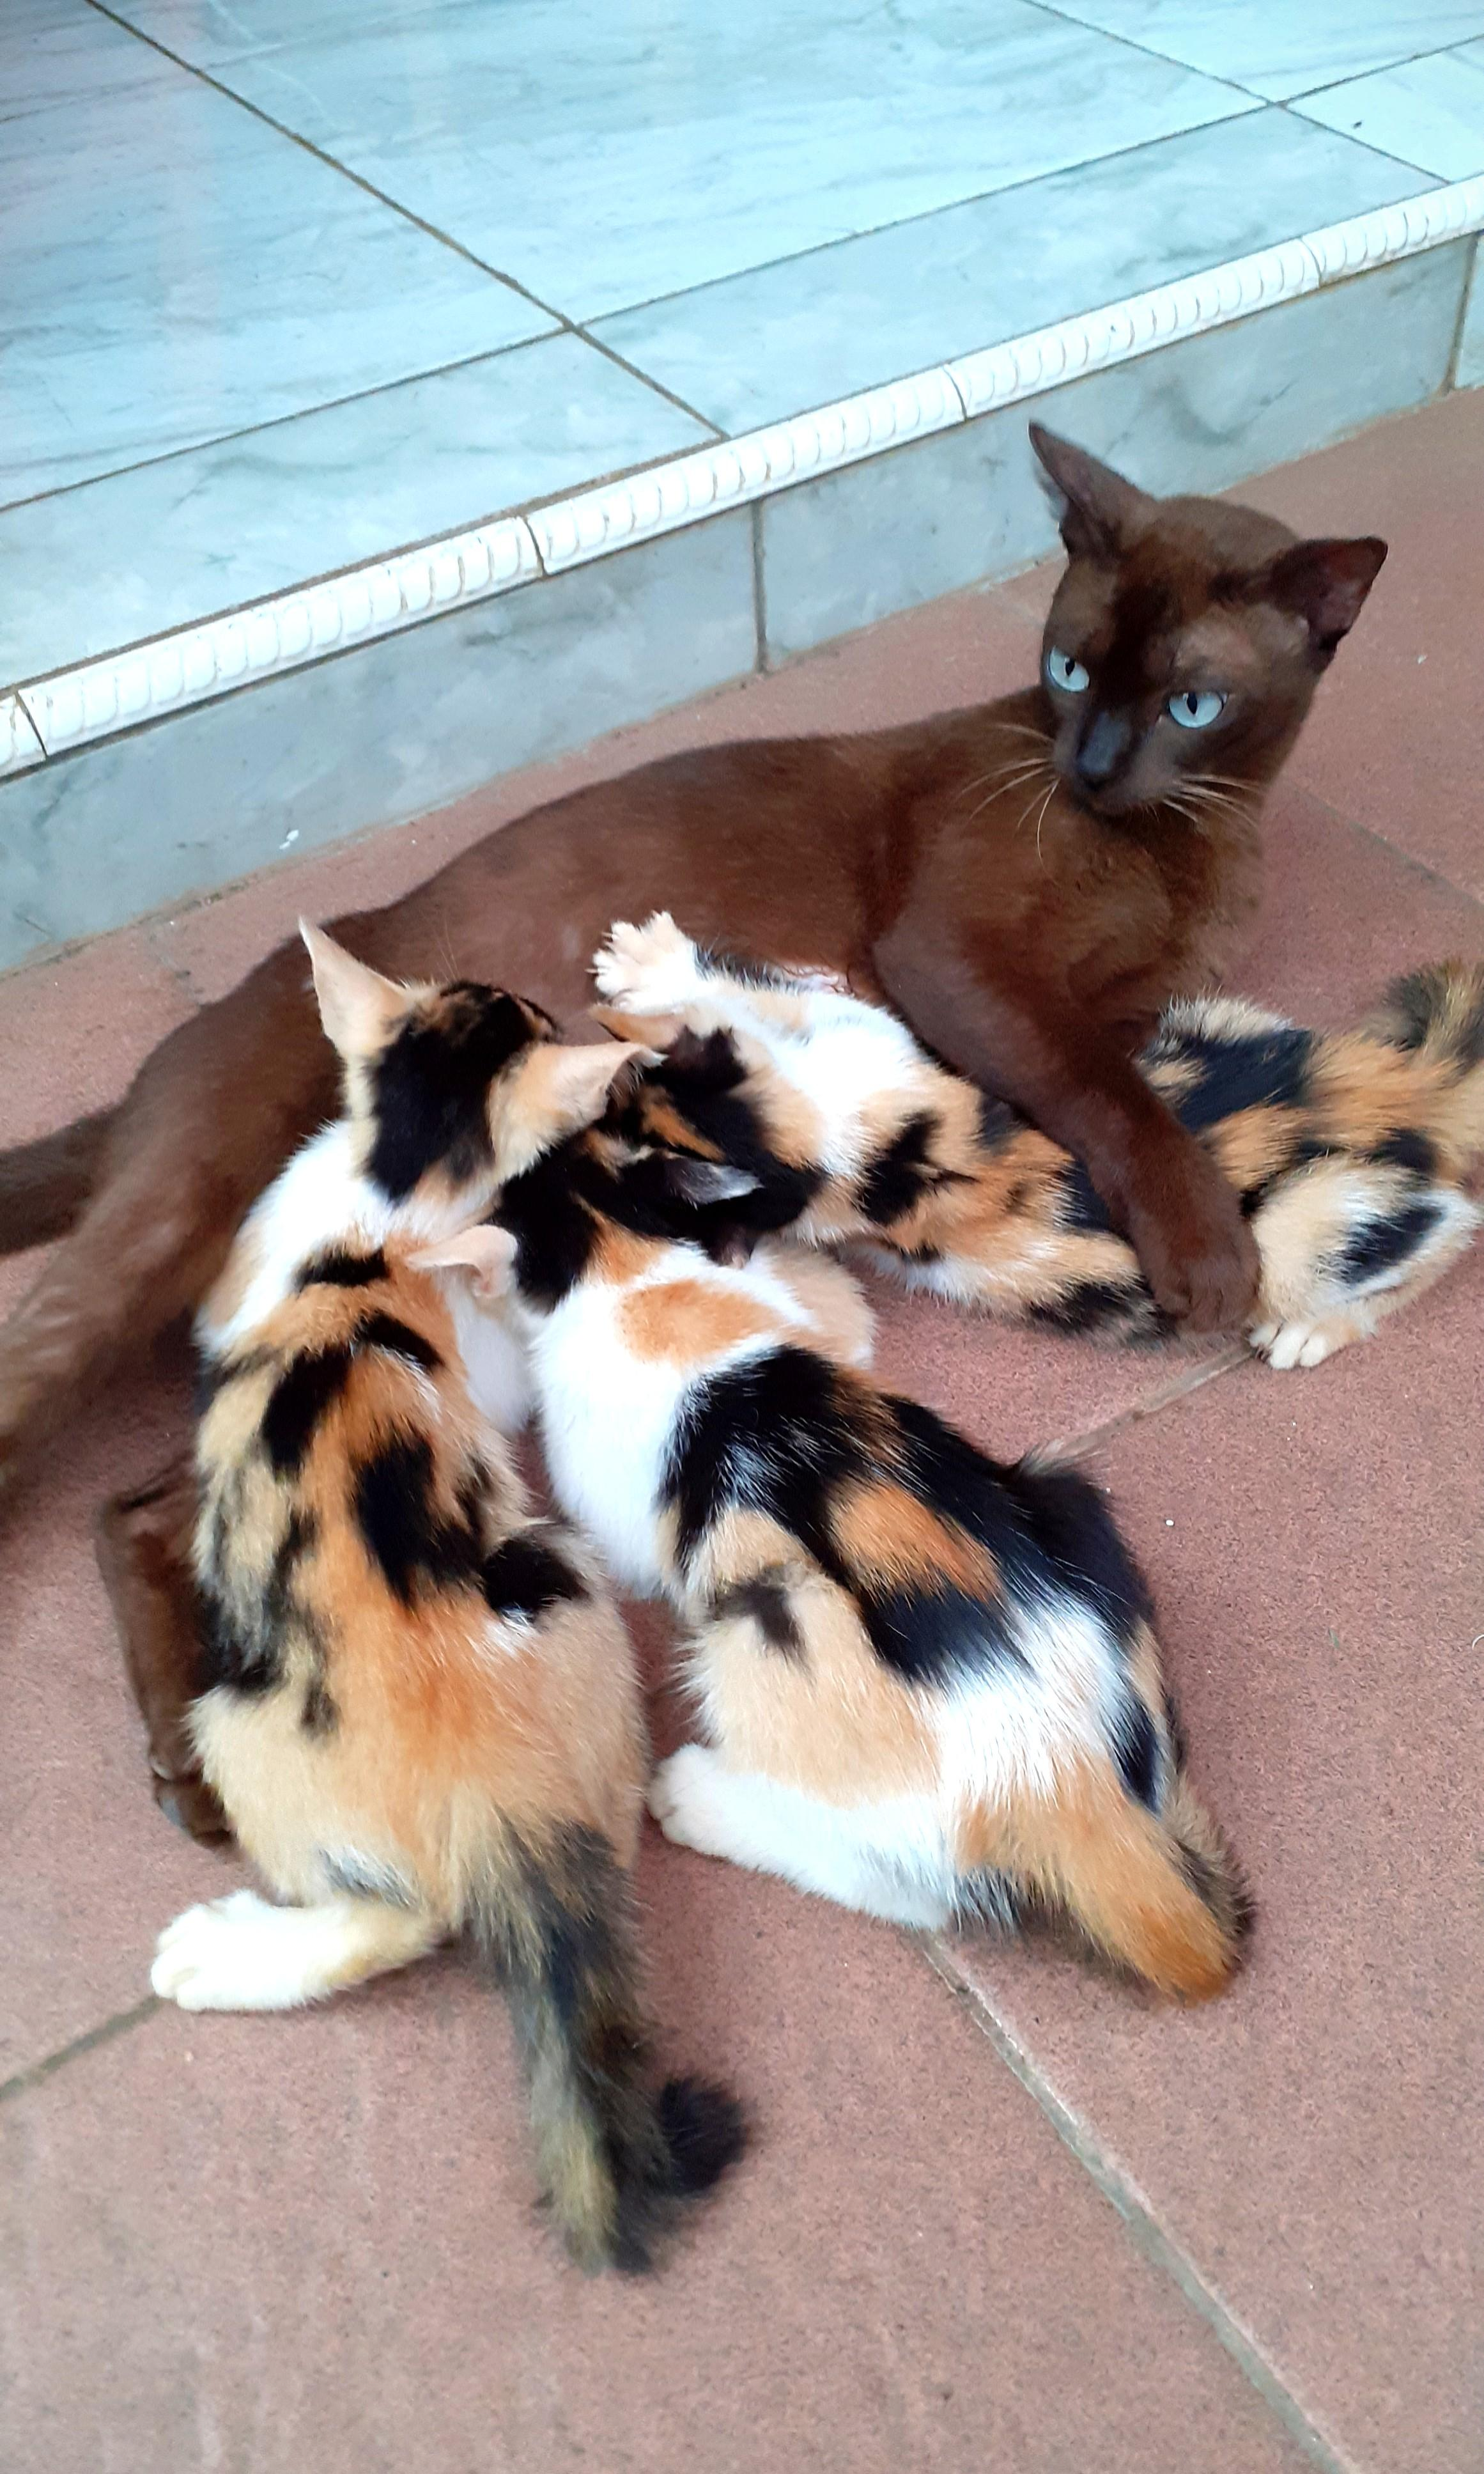 Free Adopt Anak Kucing Kampung Perlengkapan Hewan Makanan Hewan Di Carousell